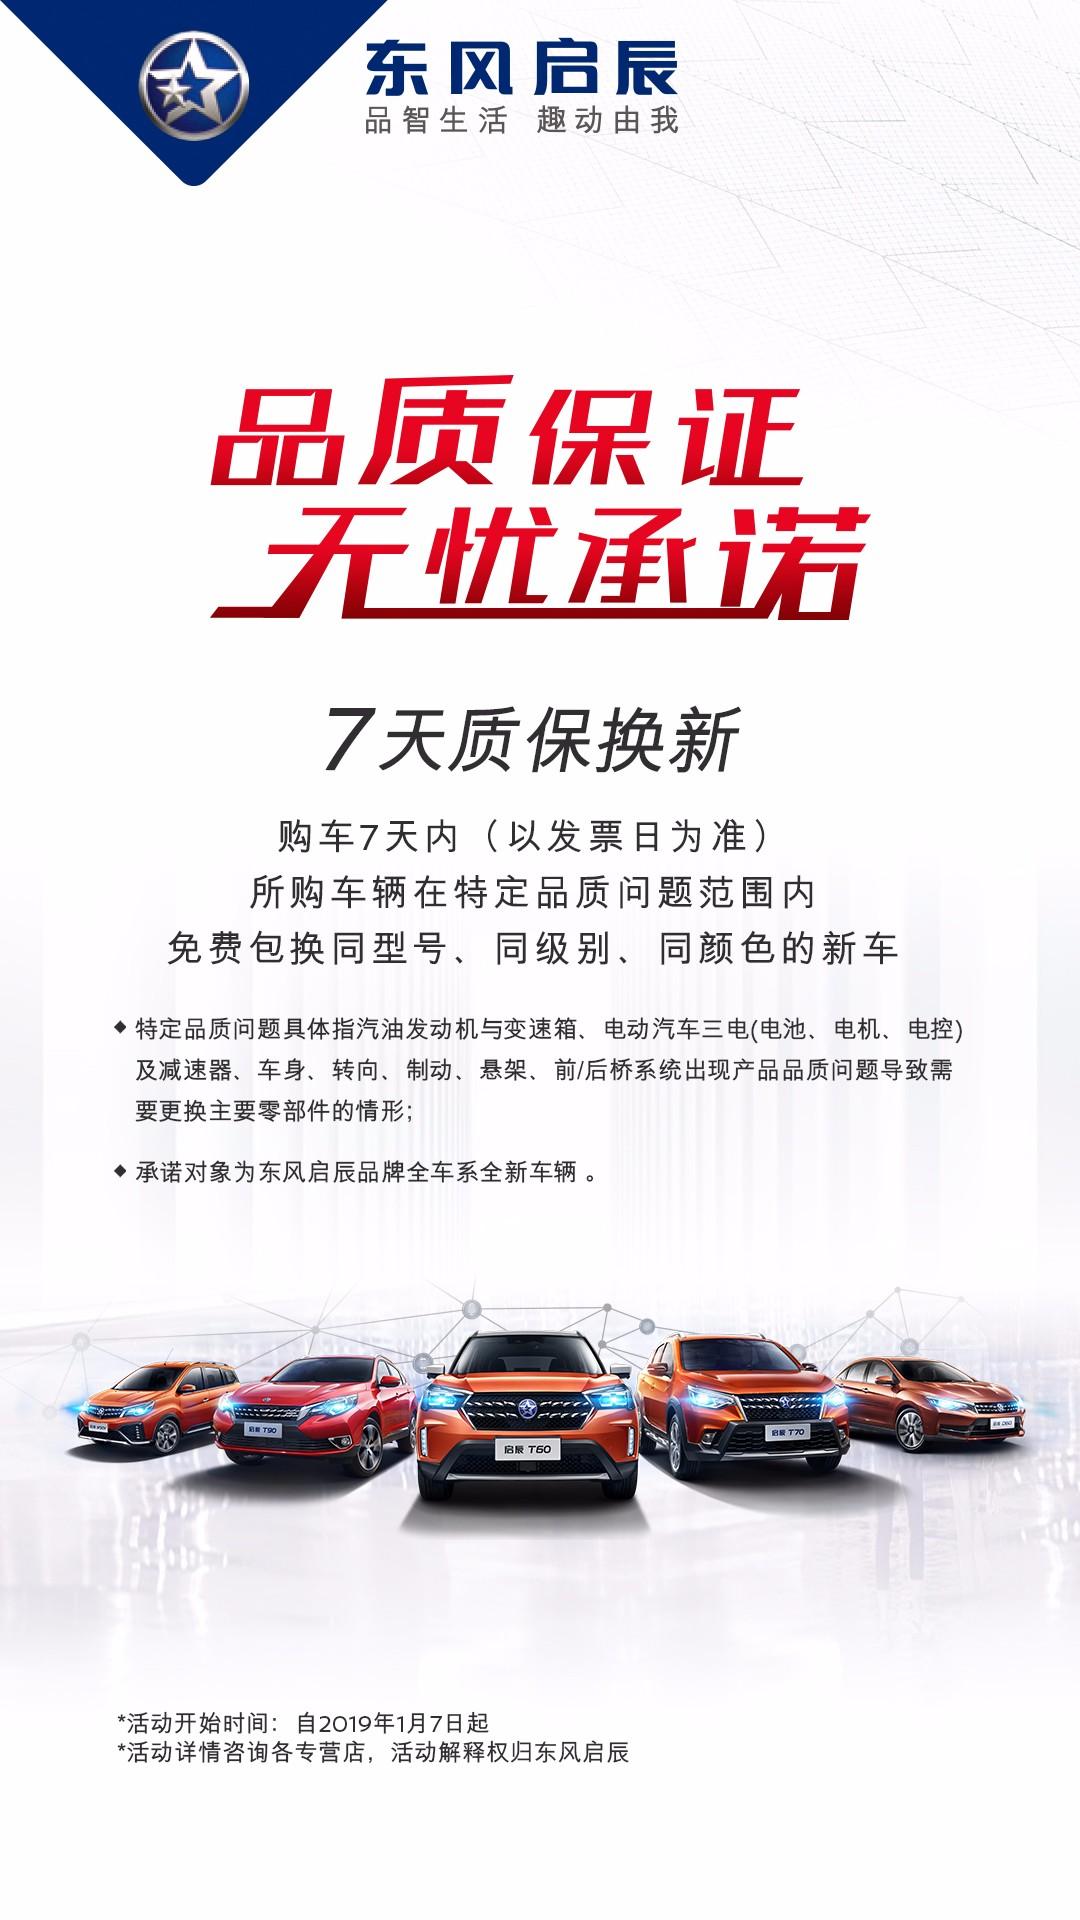 购车更安心 东风启辰推出最新质保活动